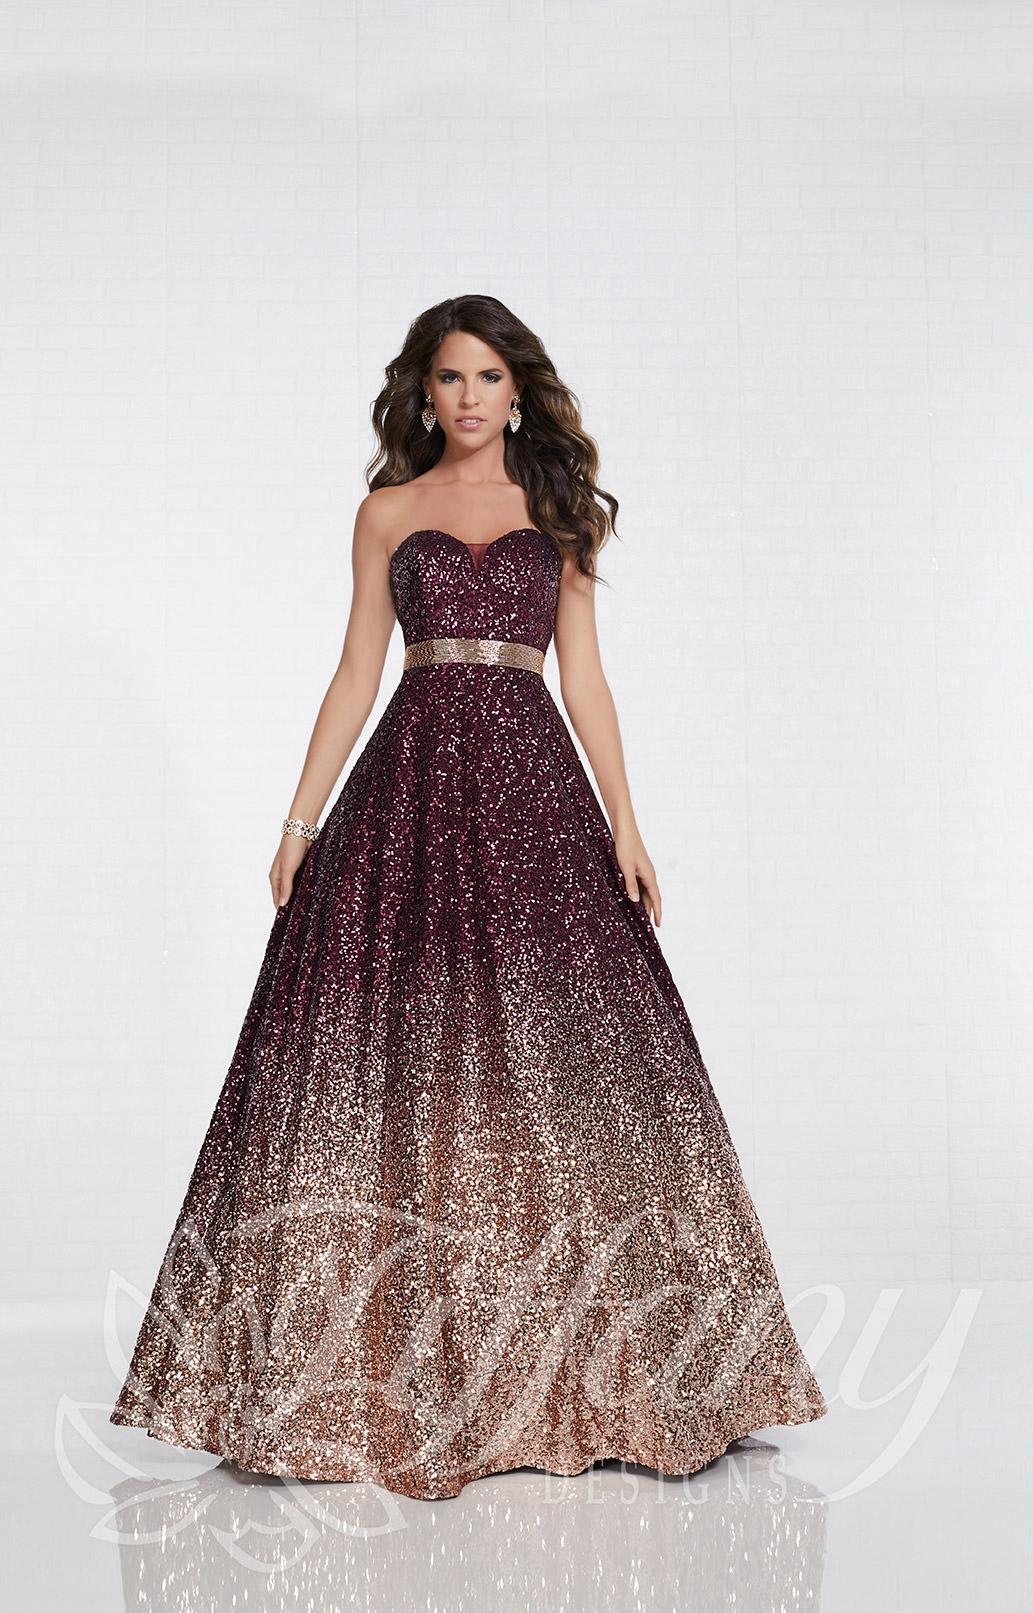 680ba1edc34 Tiffany Designs 16264 - Long A-Line Sequins